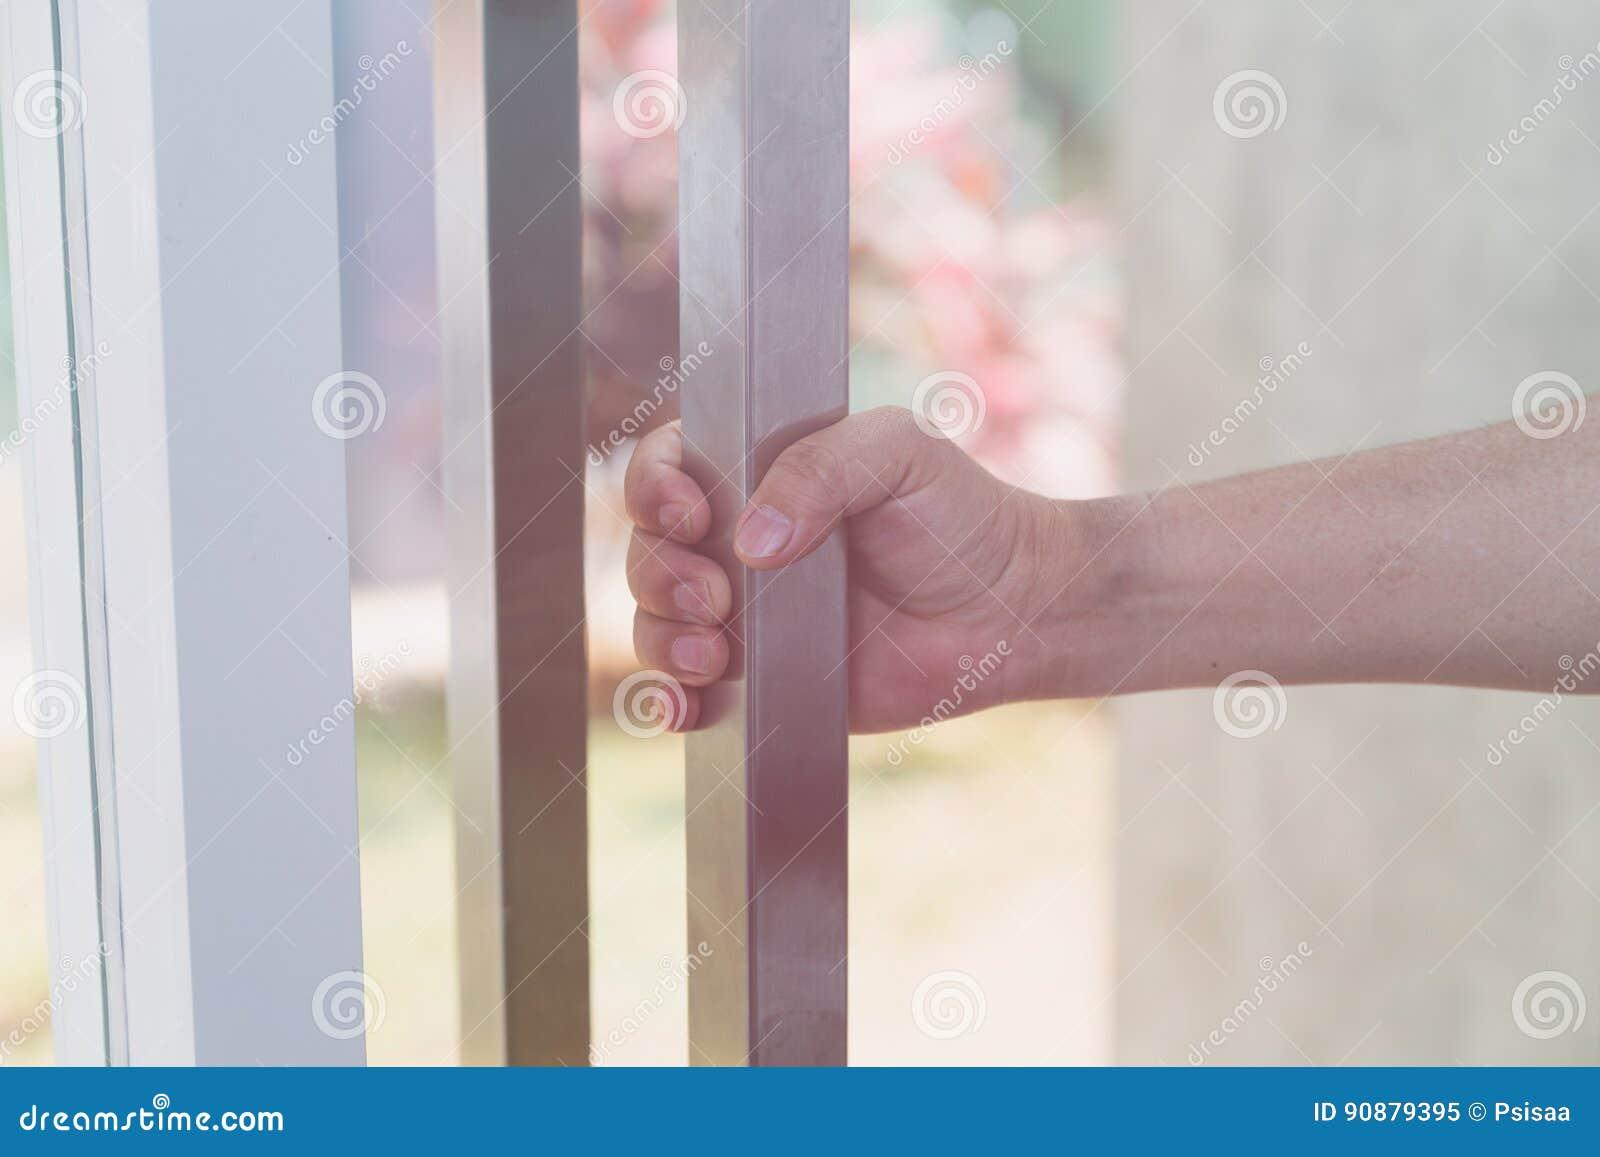 Entregue guardar o botão de porta, porta de abertura, foco seletivo